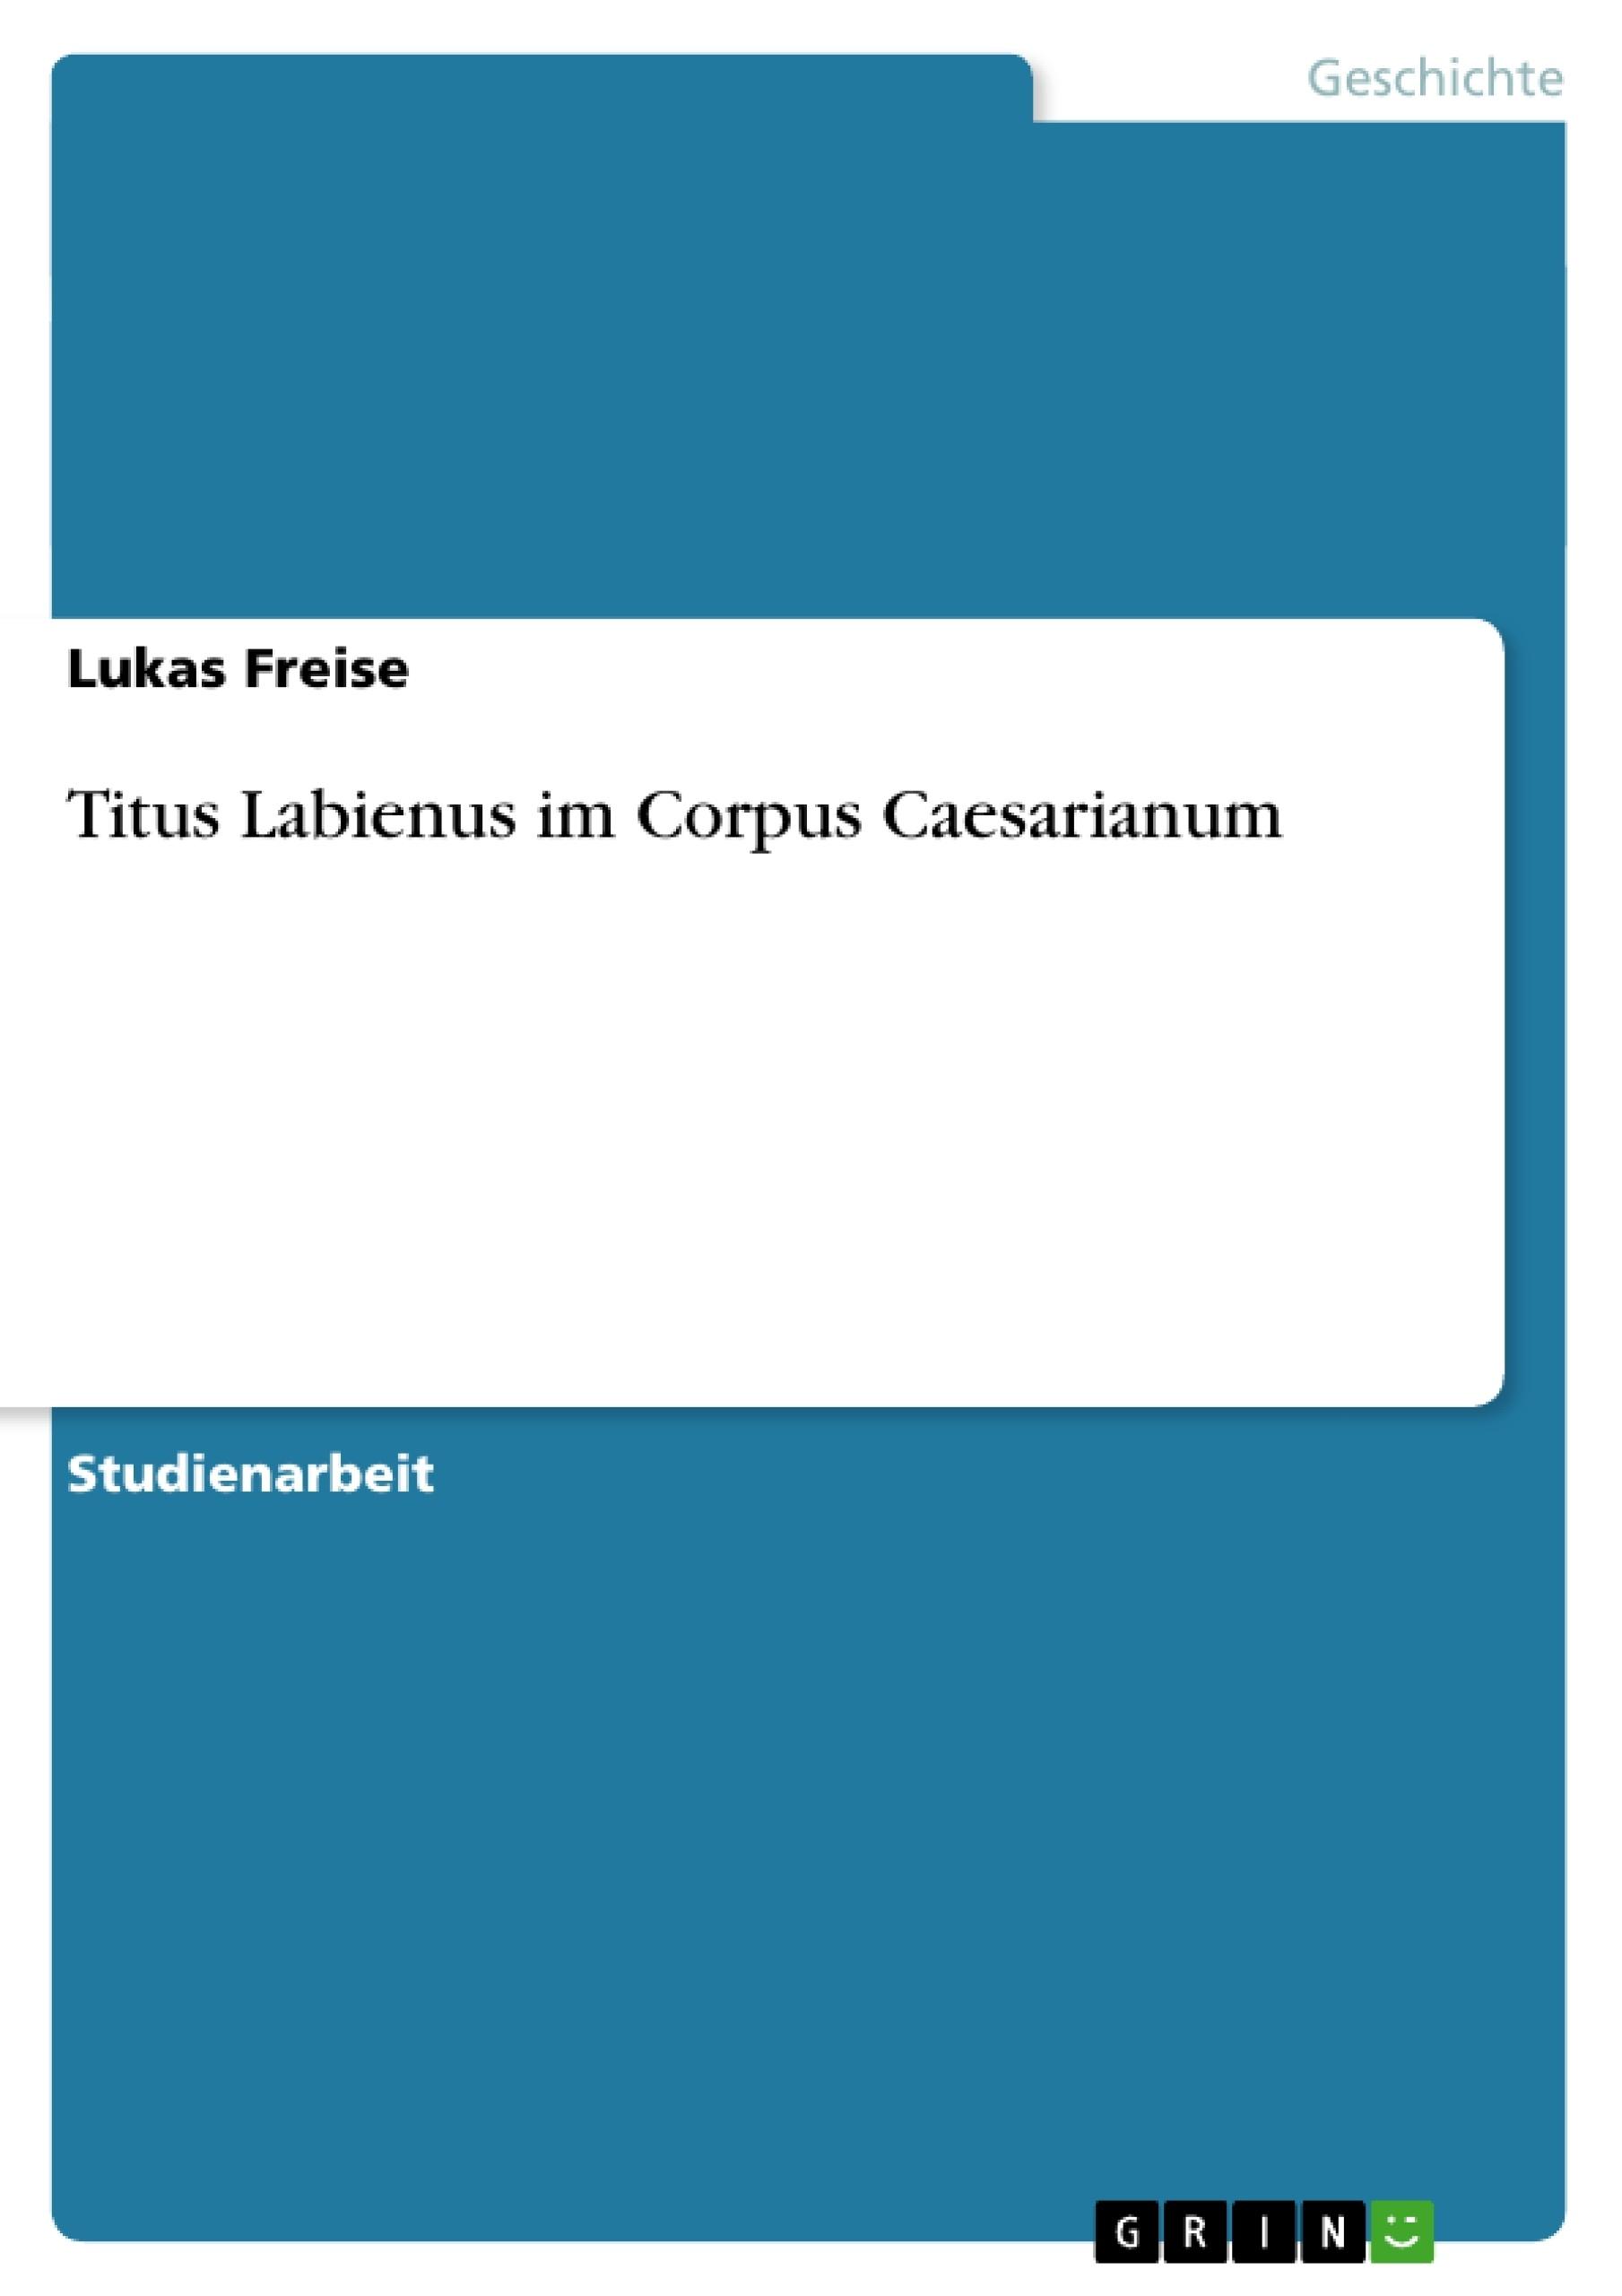 Titel: Titus Labienus im Corpus Caesarianum